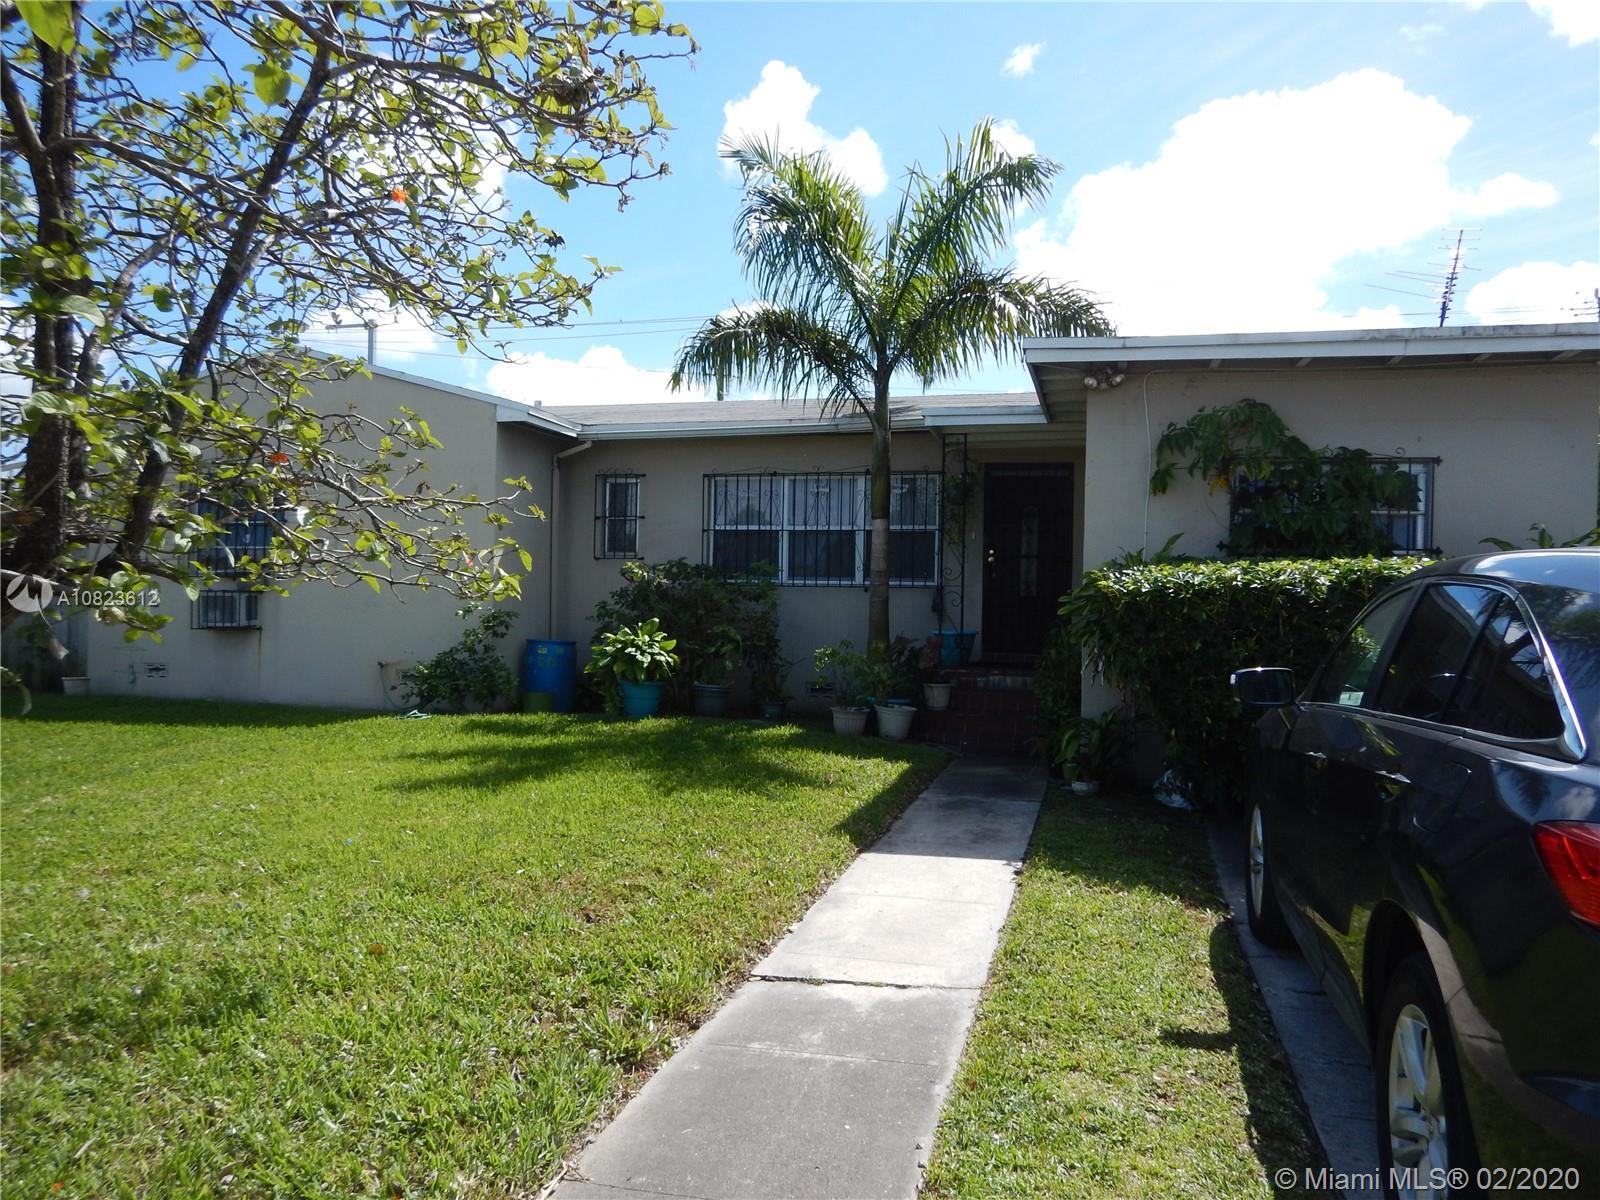 660 NW 147, Miami, FL 33168 - Miami, FL real estate listing